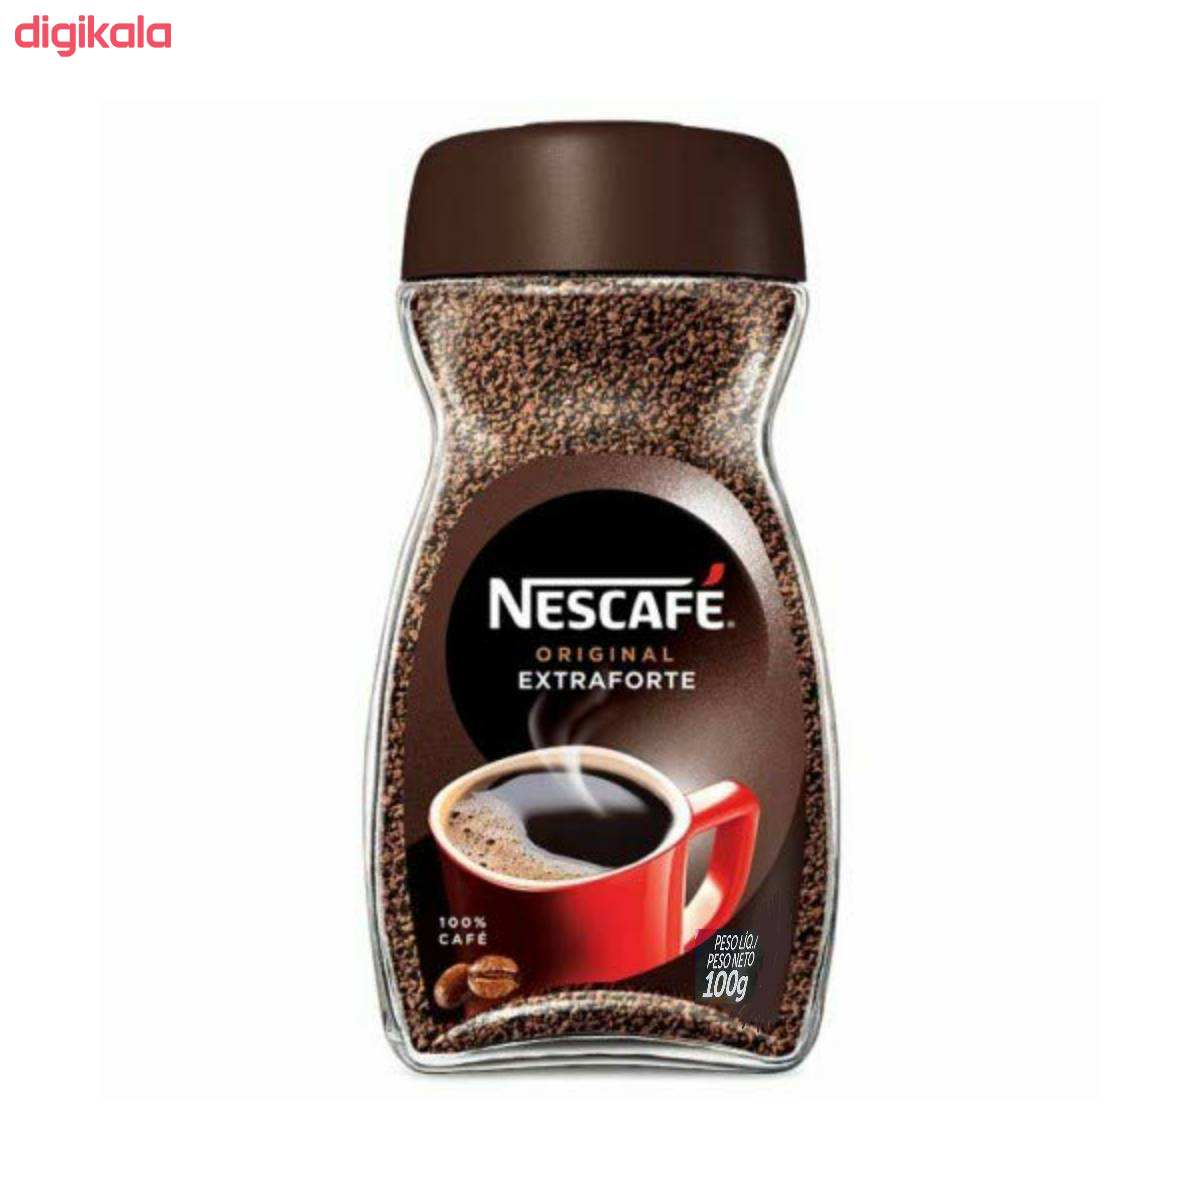 قهوه فوری اکسترافورته نسکافه - ۱۰۰ گرم main 1 1